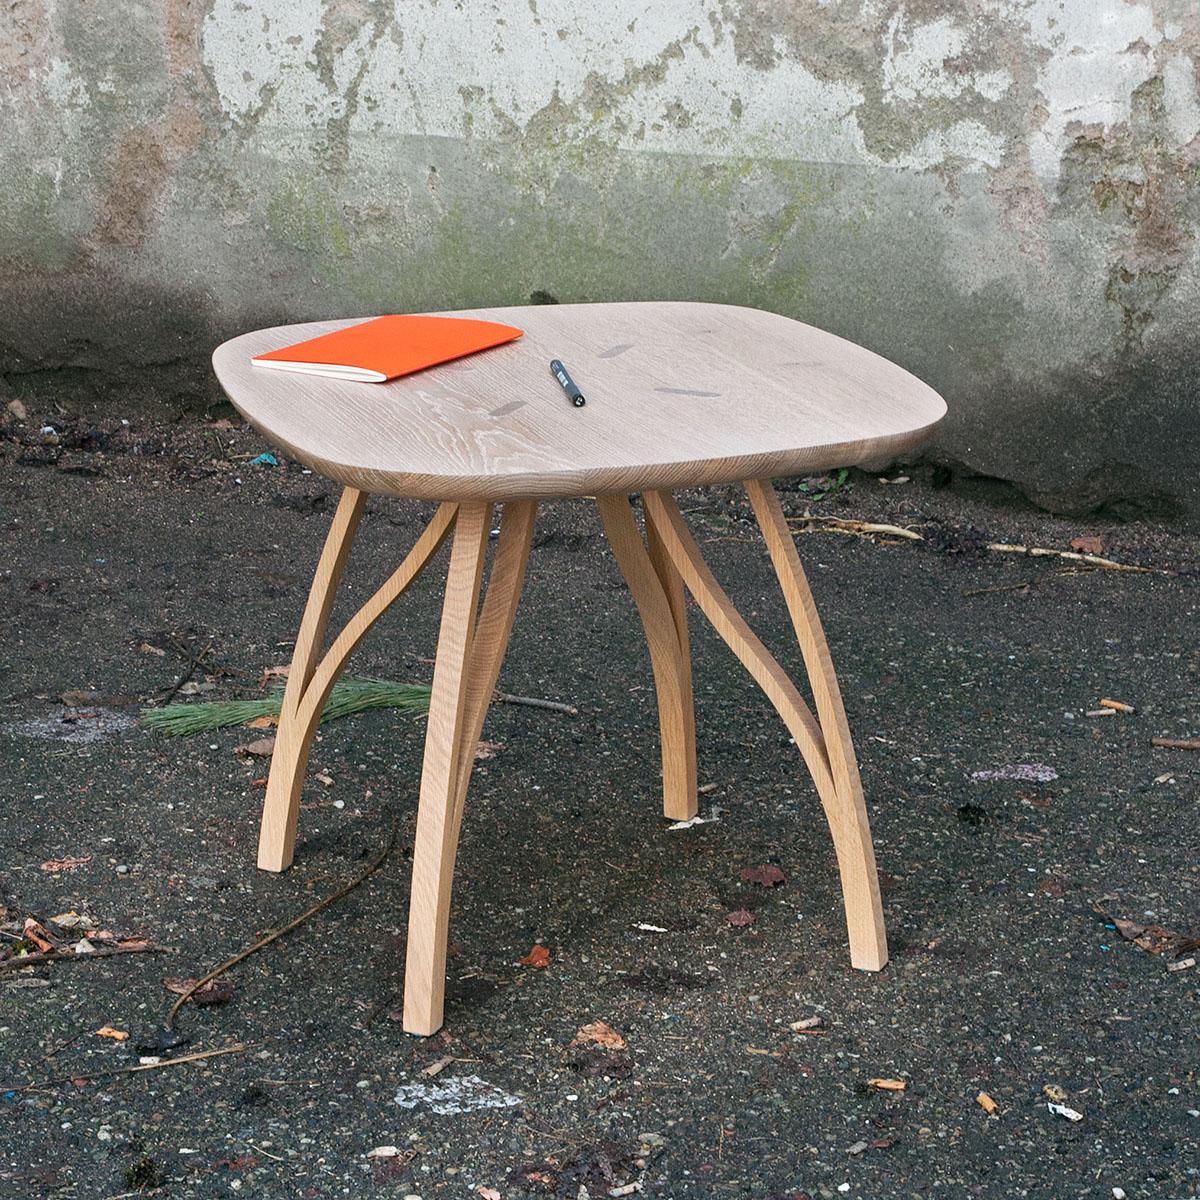 design strasbourg table bois eco-design mobilier produit alain froehlicher france université artisanat ébénisterie meuble fait main